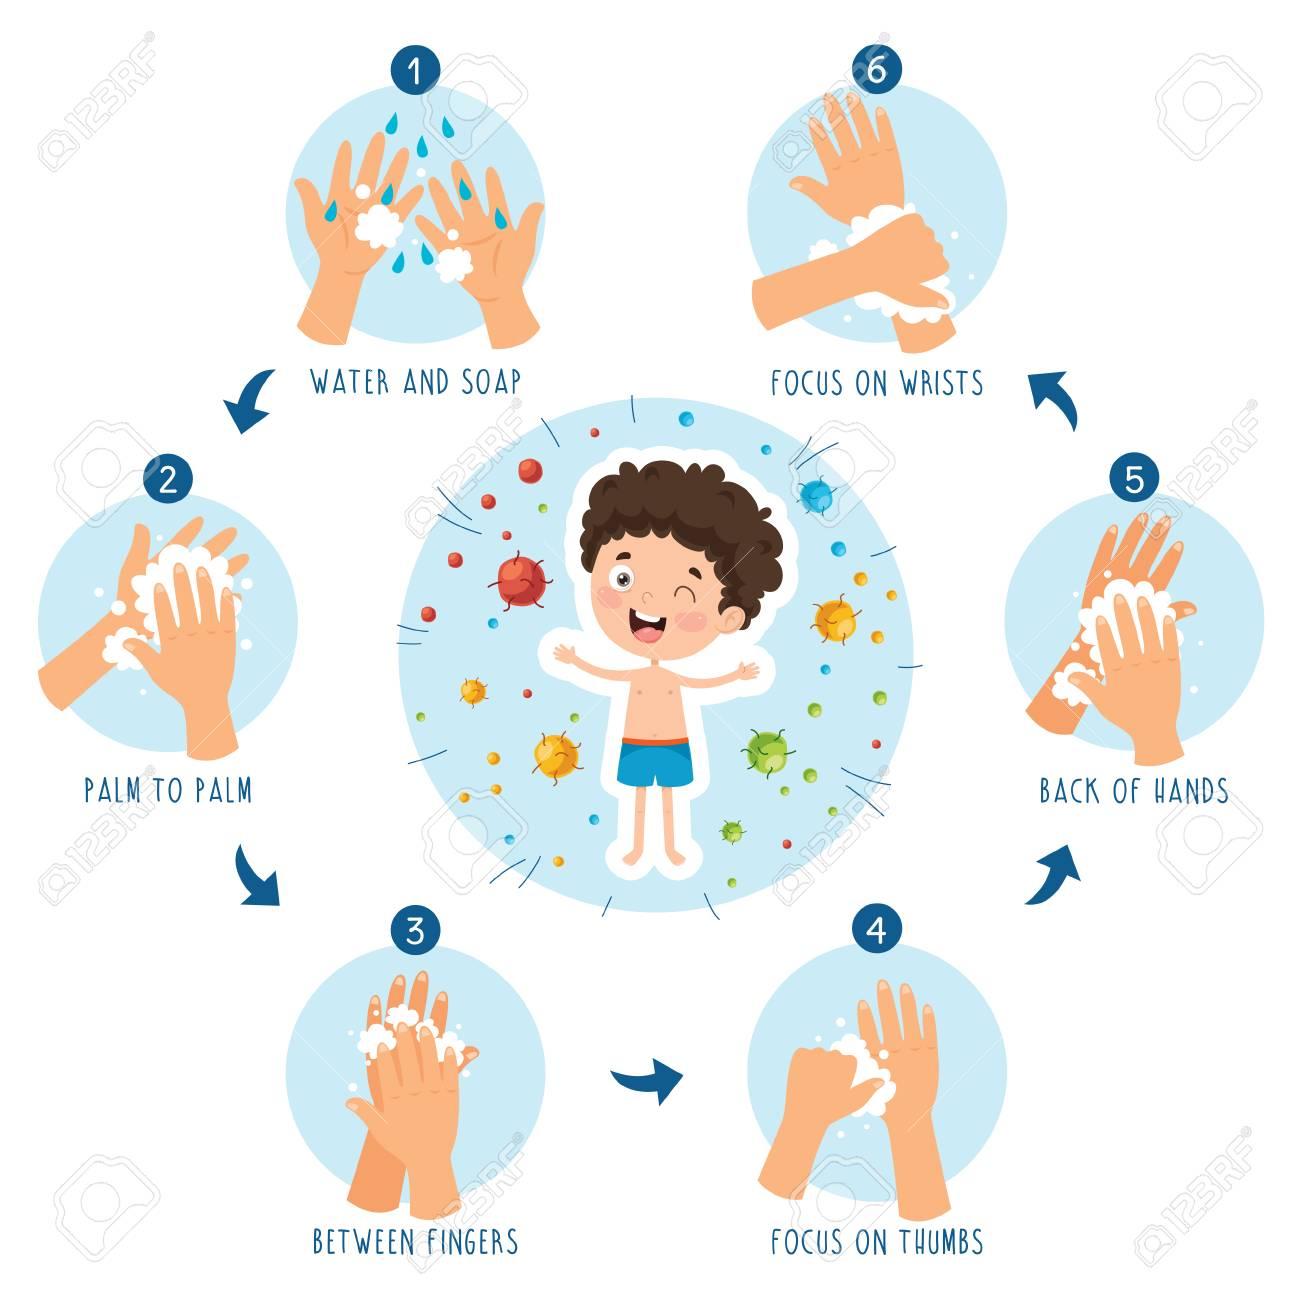 Vector Illustration Of Children Hygiene - 122323502